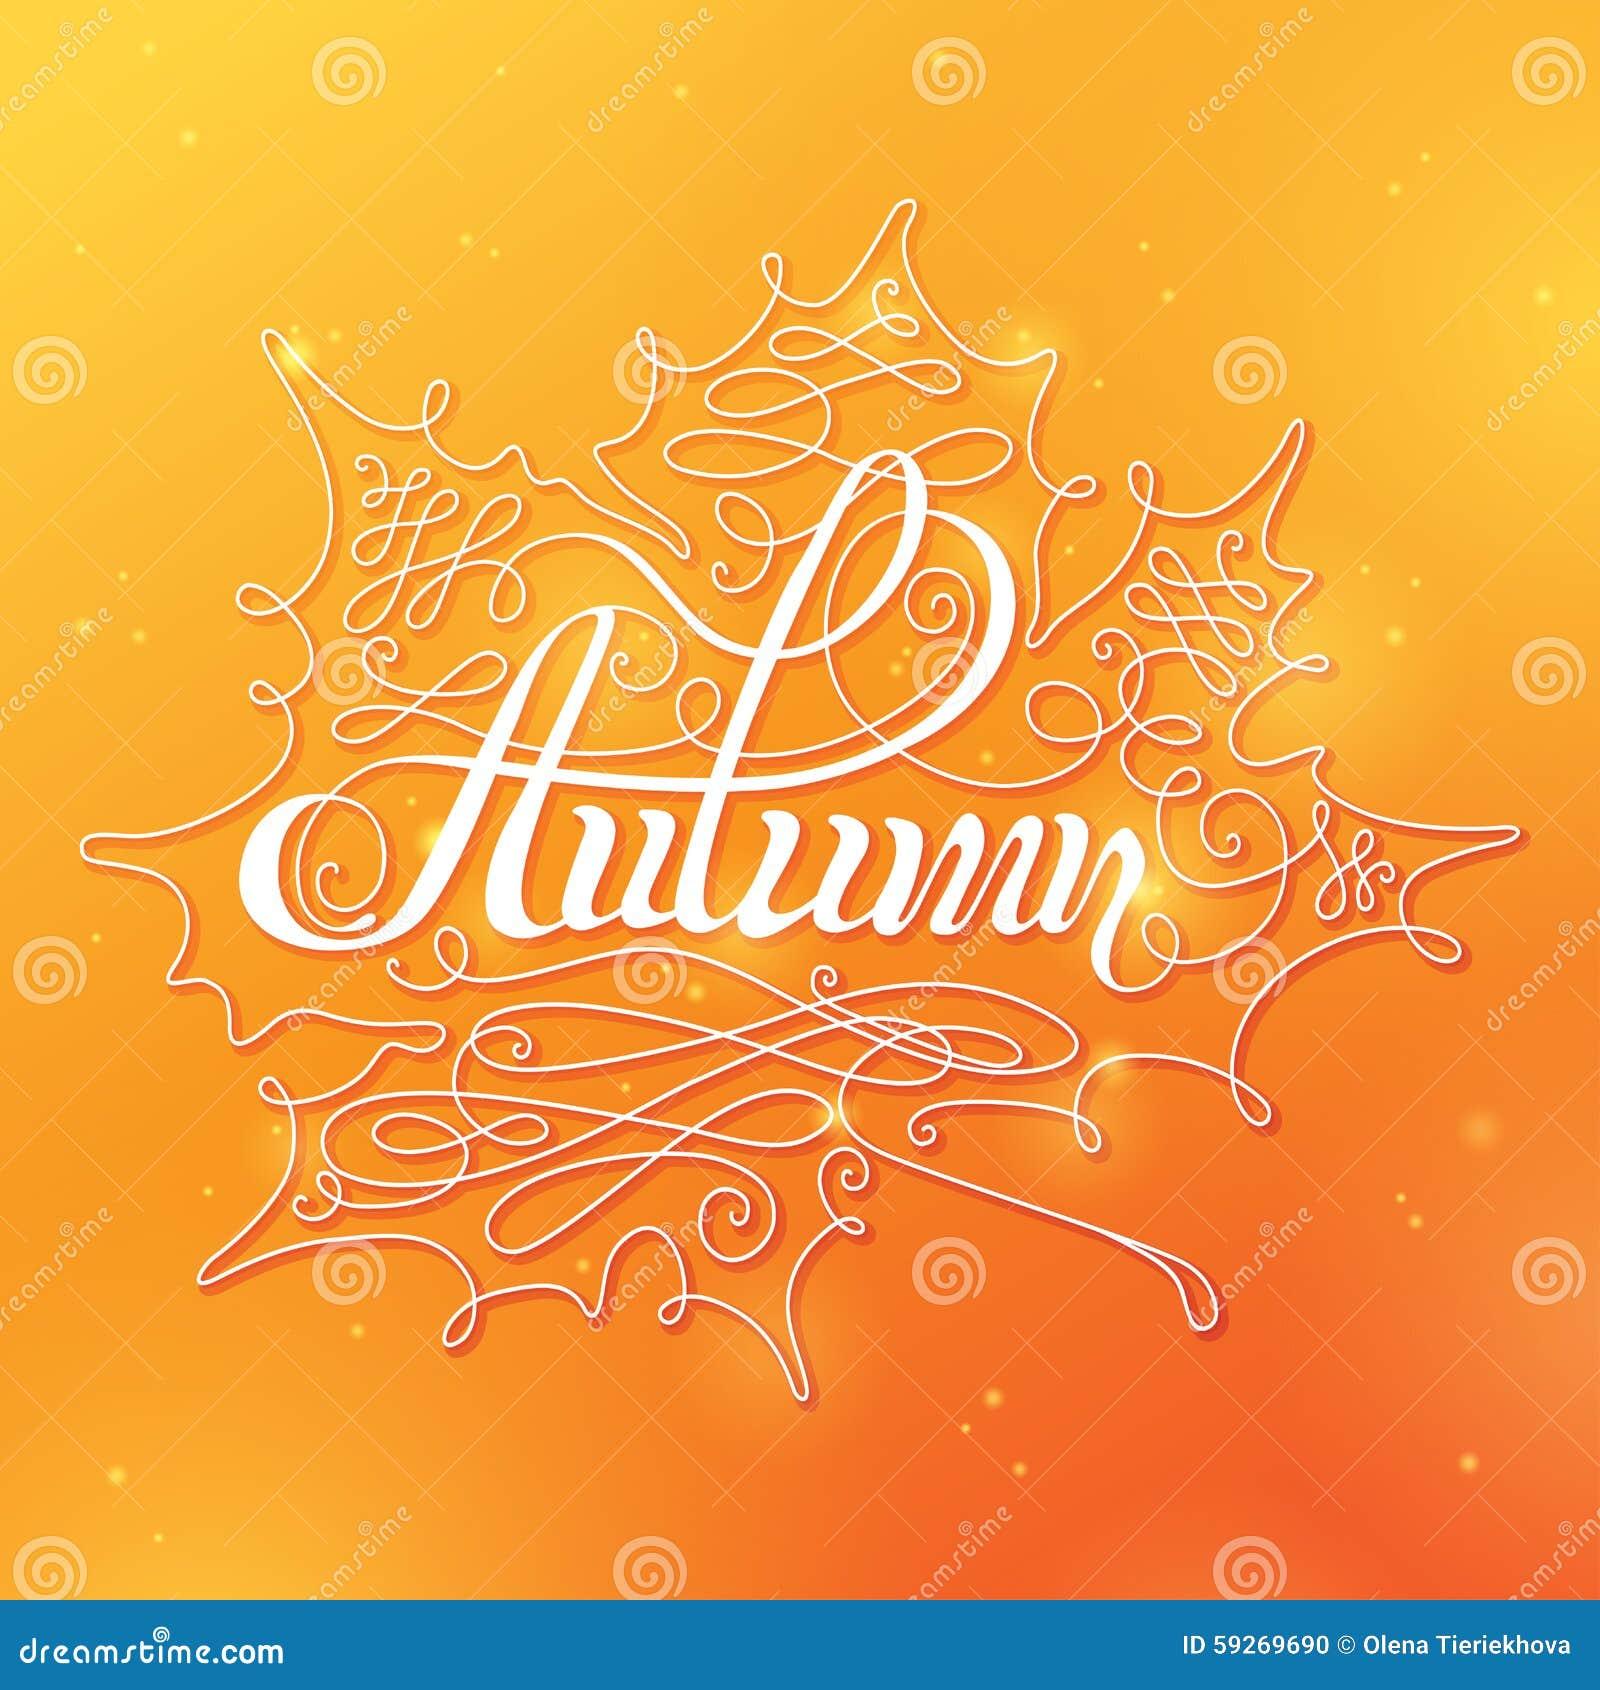 Autumn Calligraphic Background